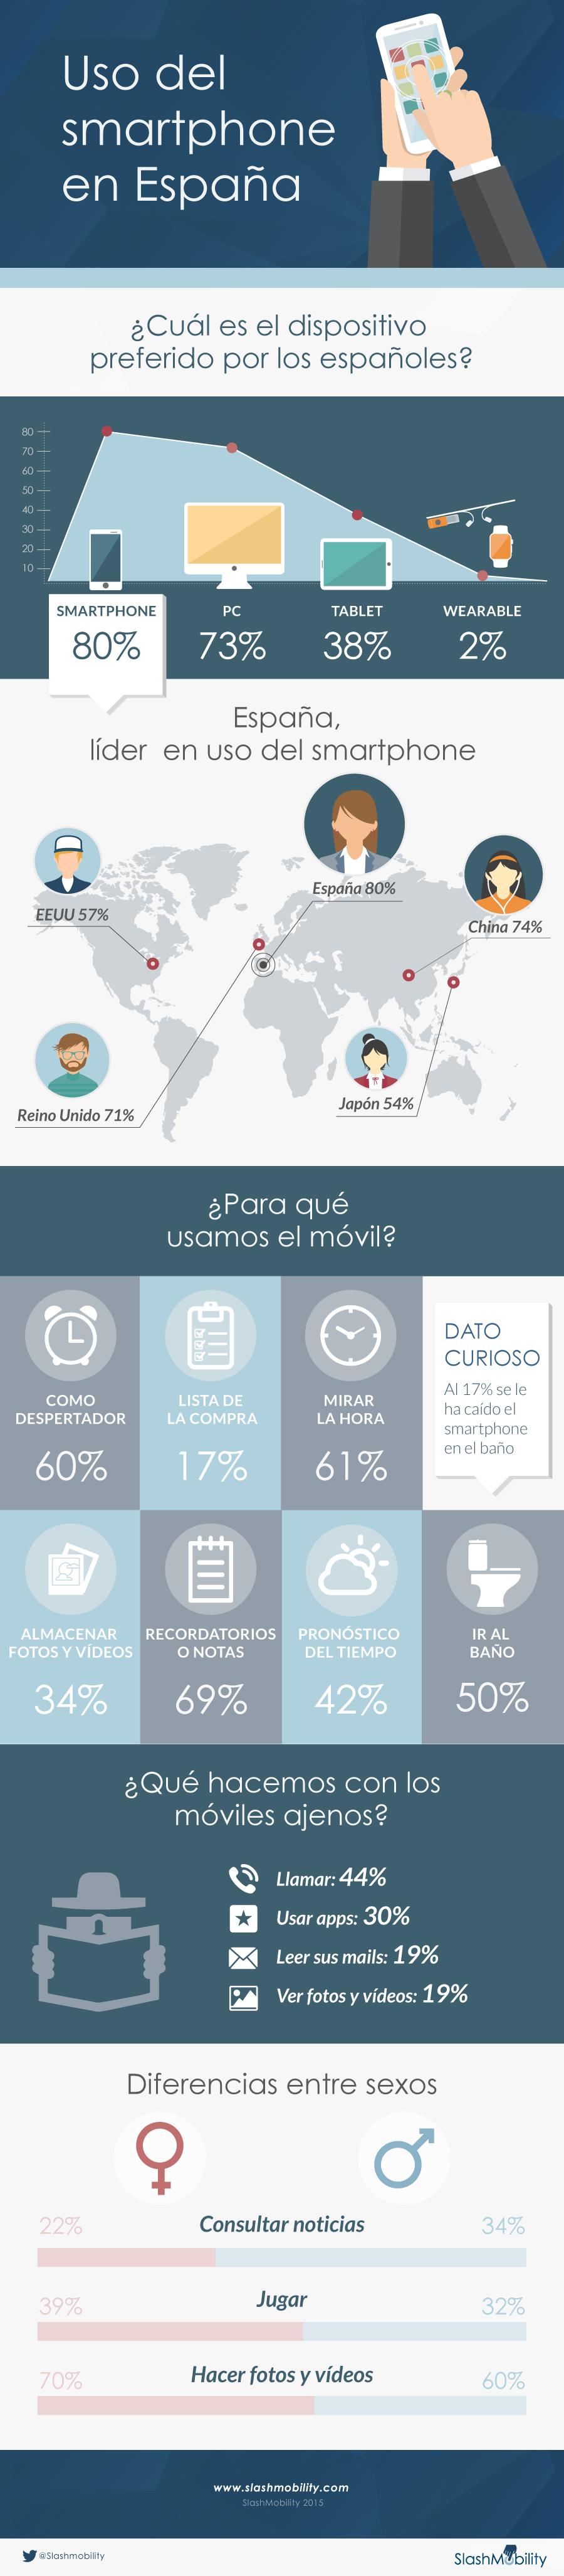 Infografía uso do Smartphone en España